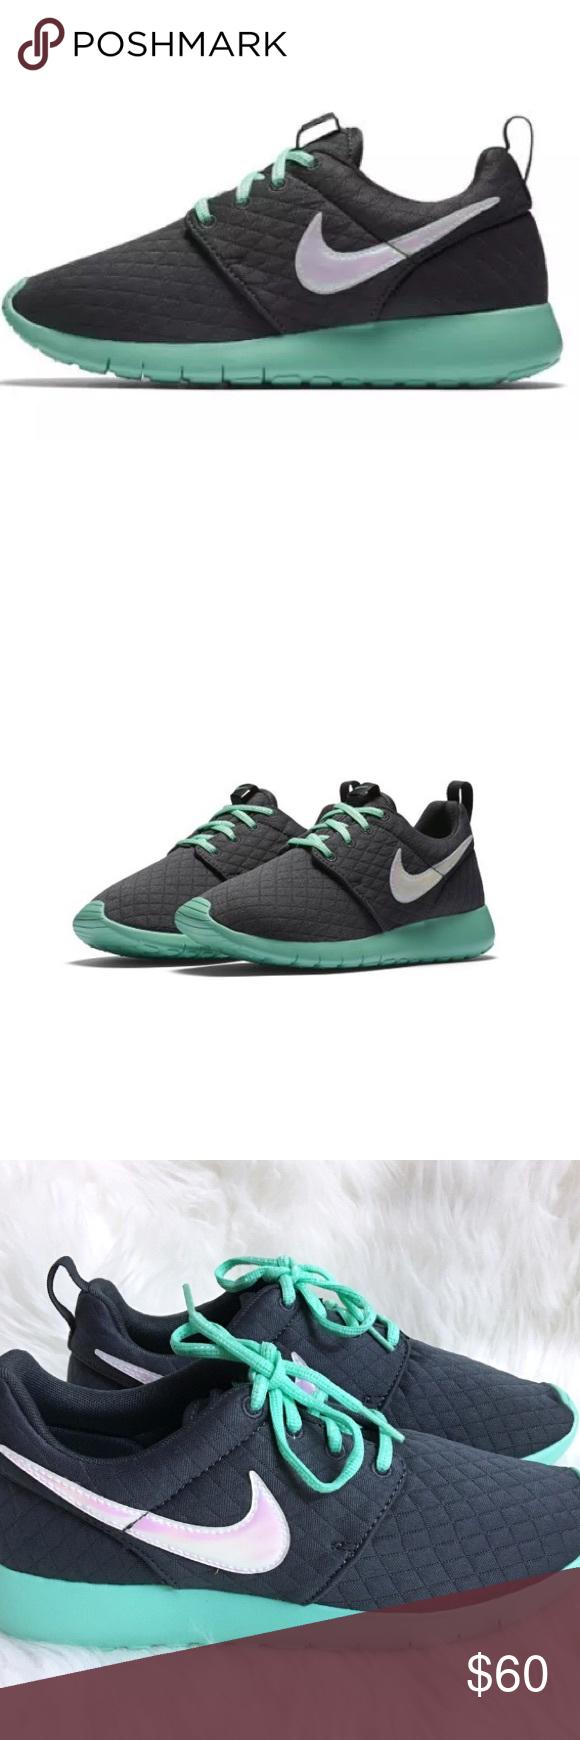 Nike Roshe One Se Ac Winter Girls Shoes Size